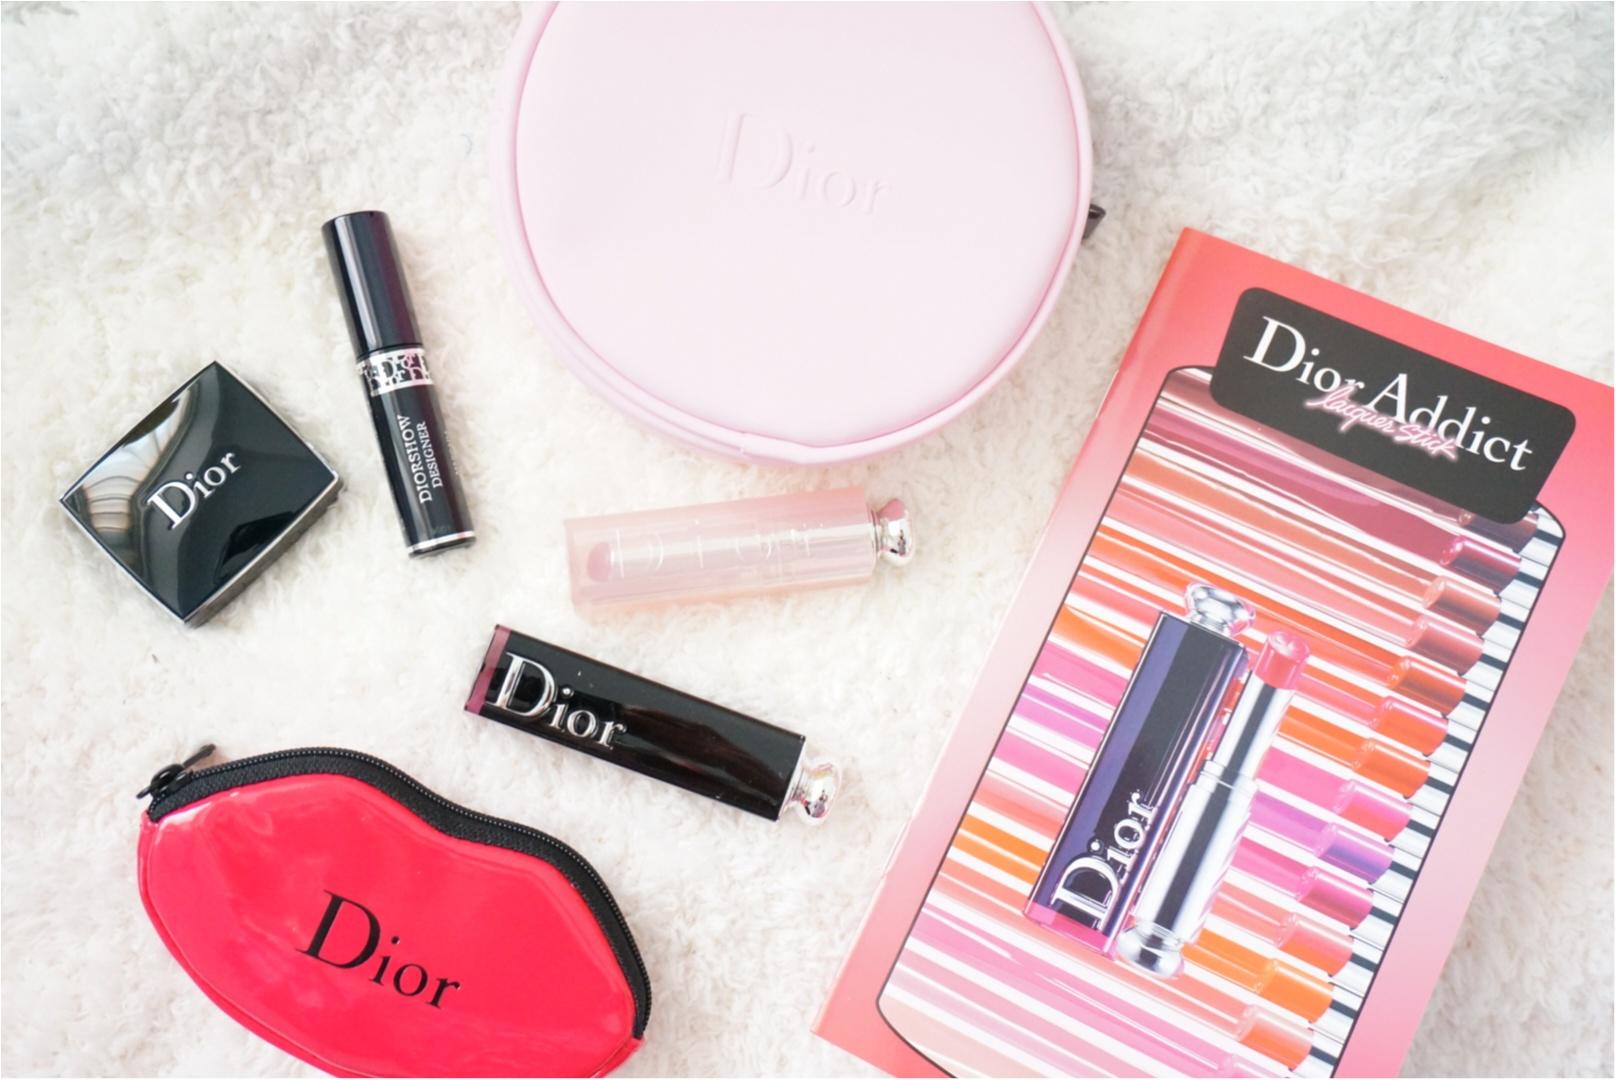 《フォンダンリップ》って何??【Dior ADDICT】から新リップ・ラッカースティックが登場❤️_9